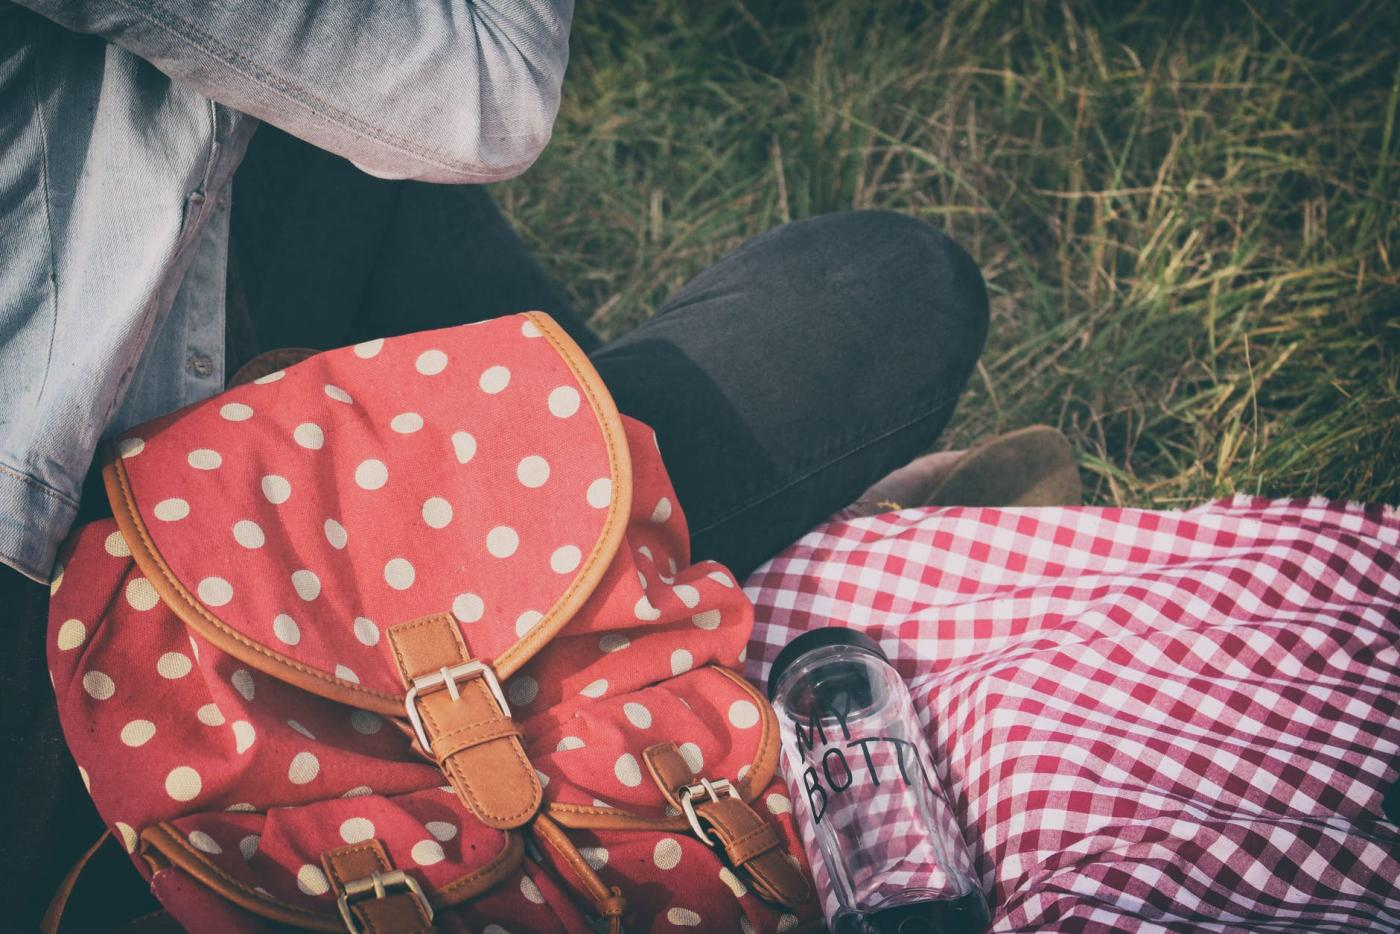 Eko piknik pod szybem